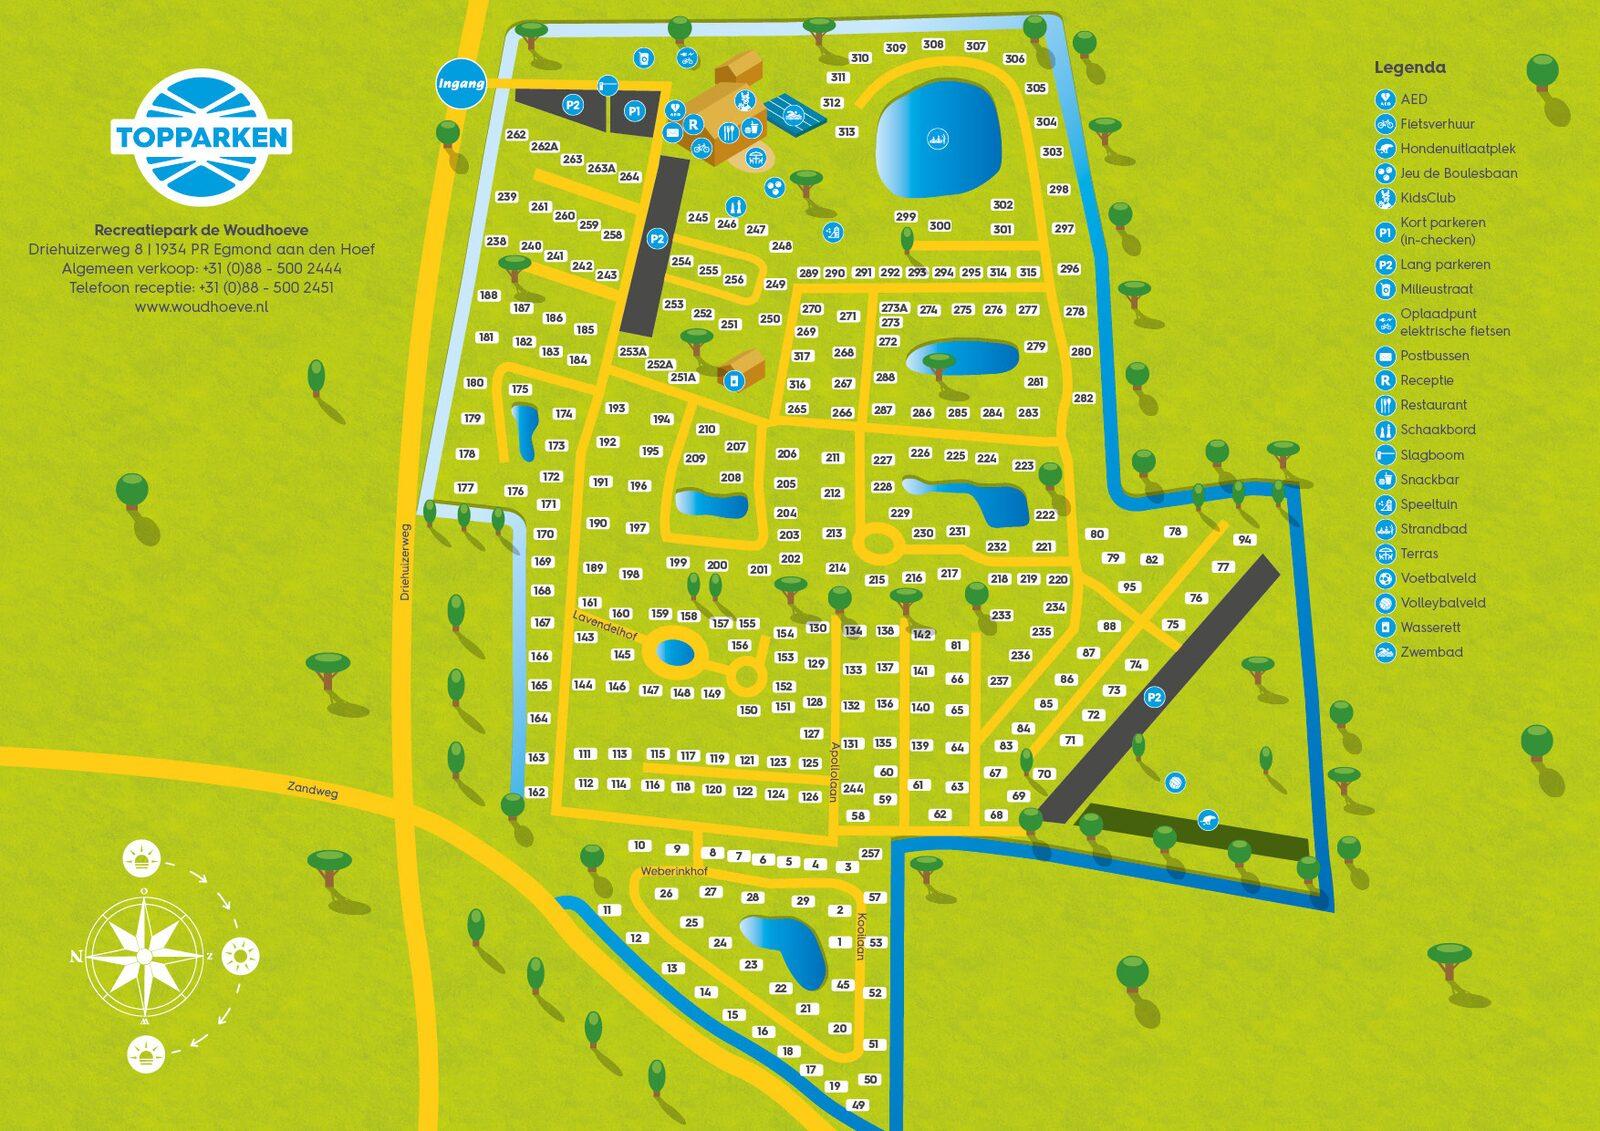 Parkplattegrond Recreatiepark de Woudhoeve